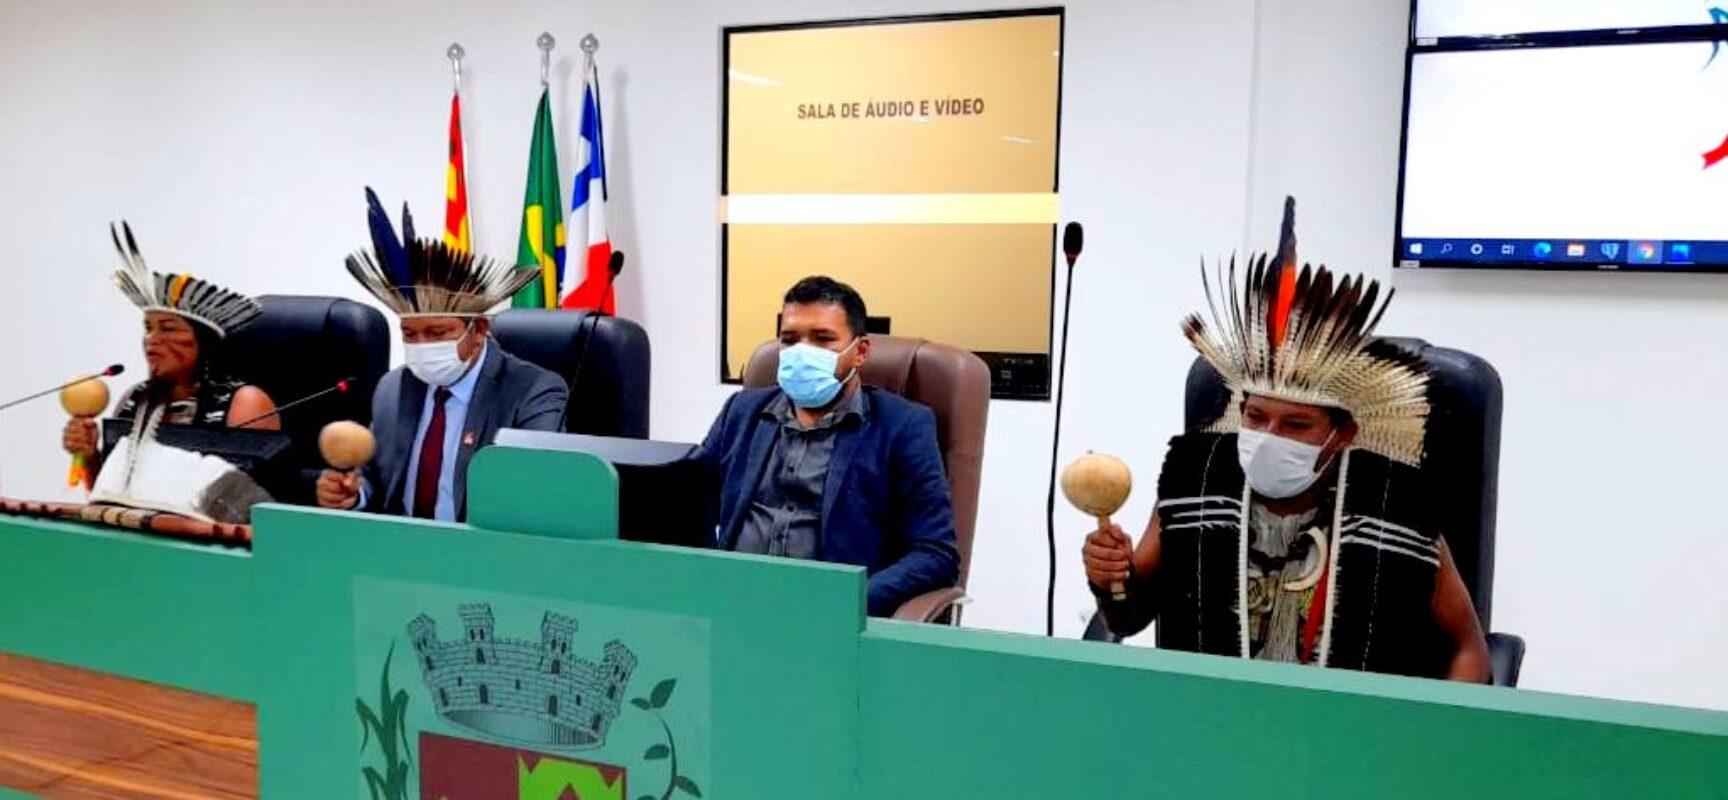 Câmara de Ilhéus constitui a Frente Parlamentar em Defesa dos Povos Tradicionais, Indígenas e de Matrizes Africanas